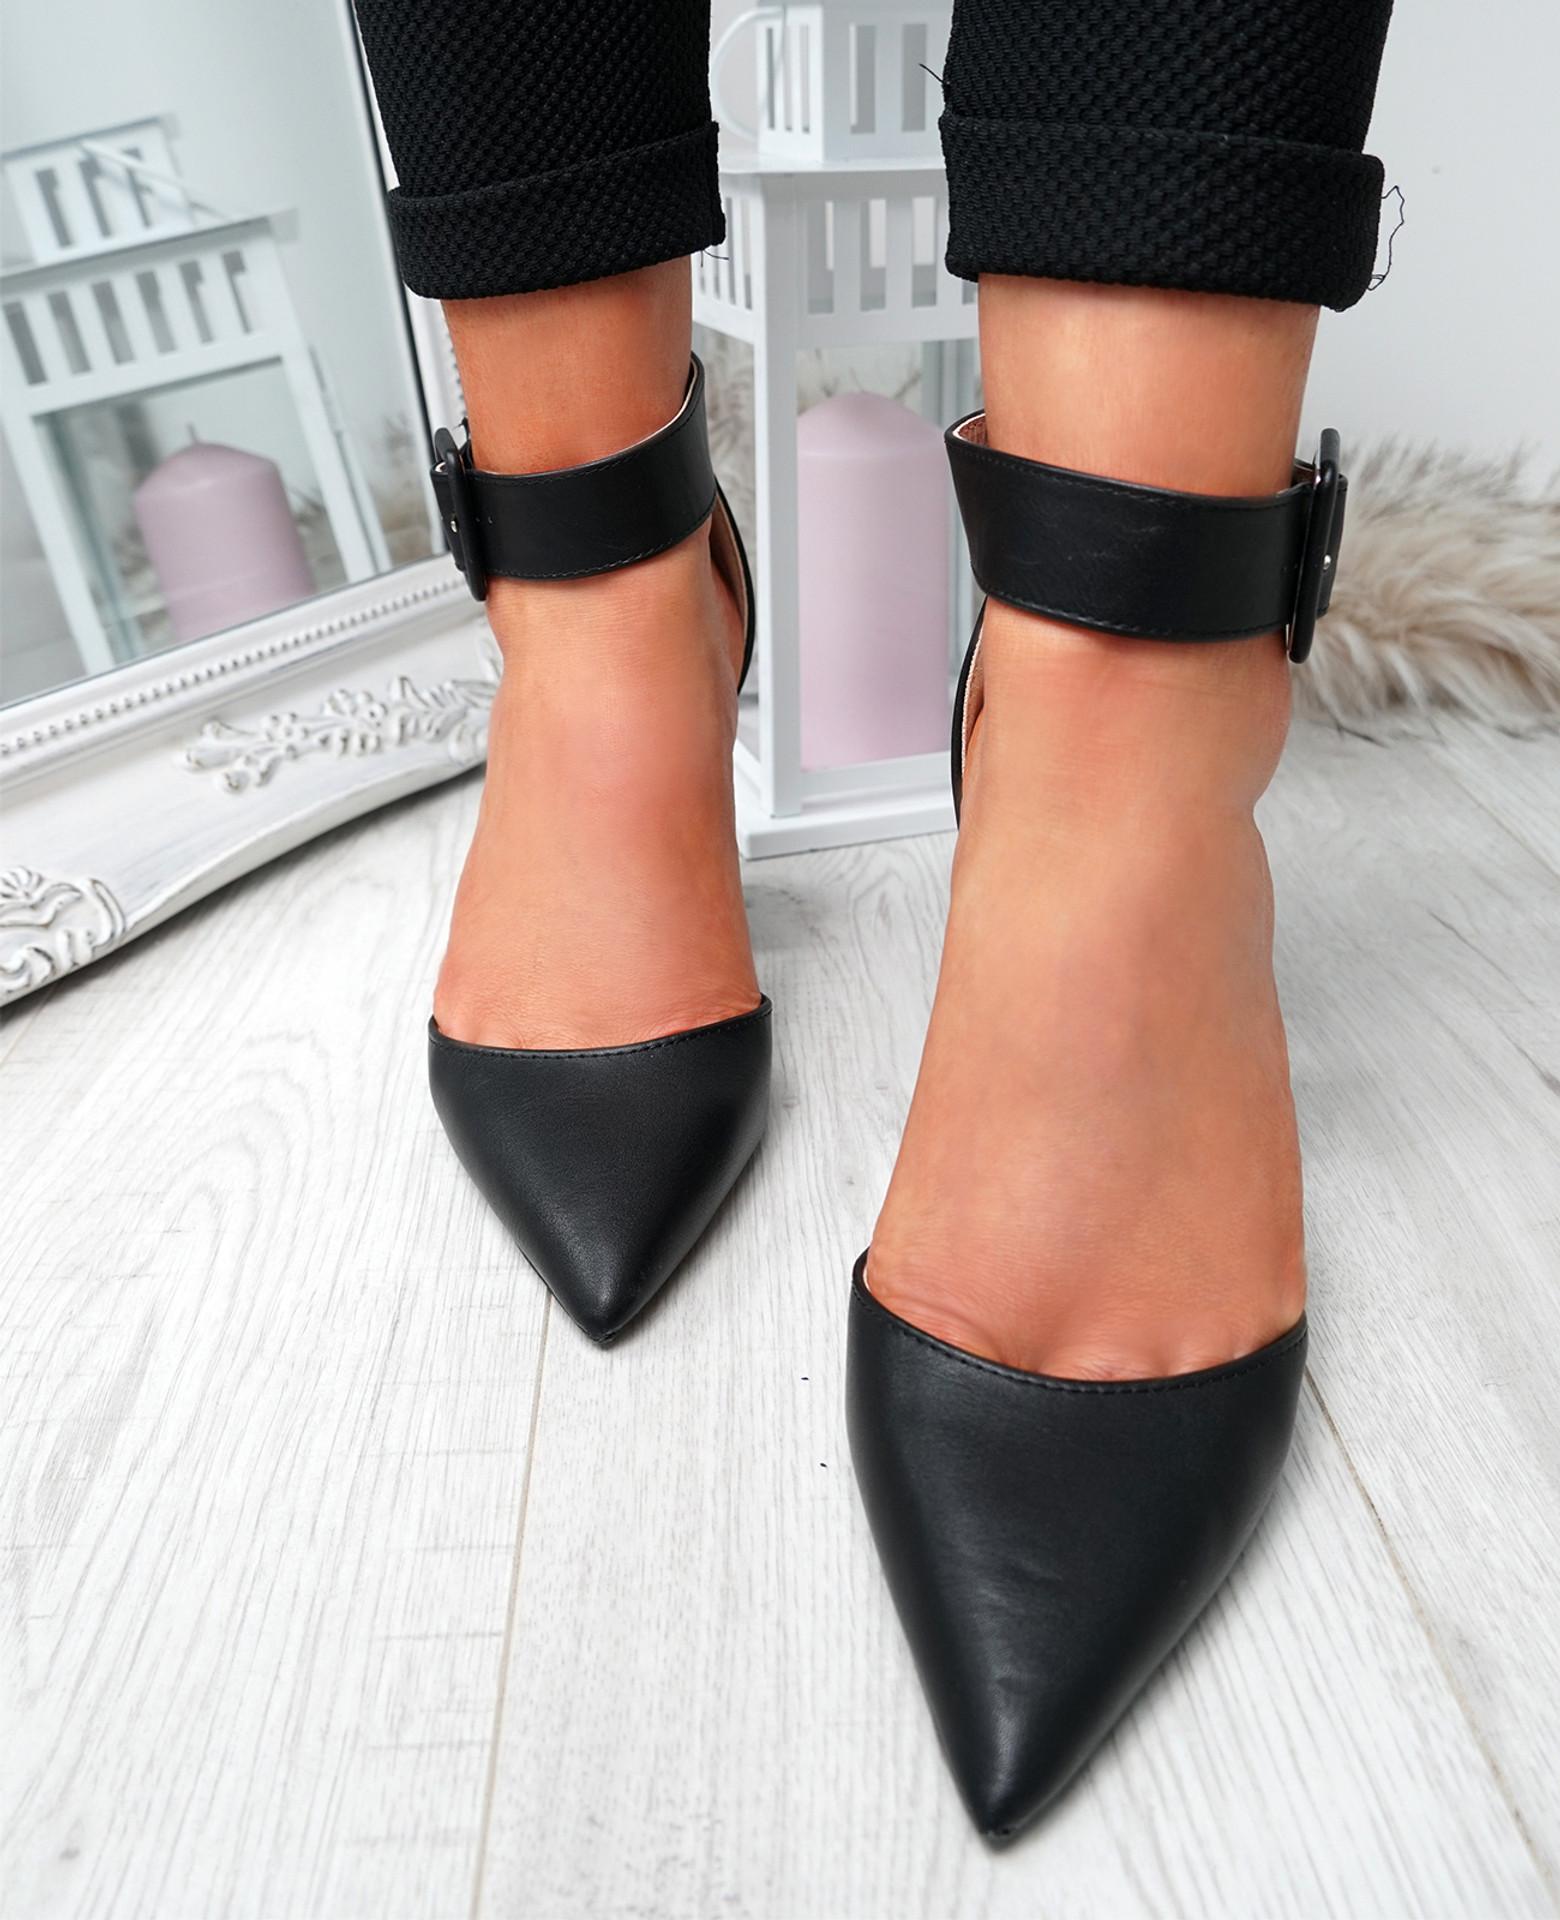 Cherra Black Block Heel Pumps